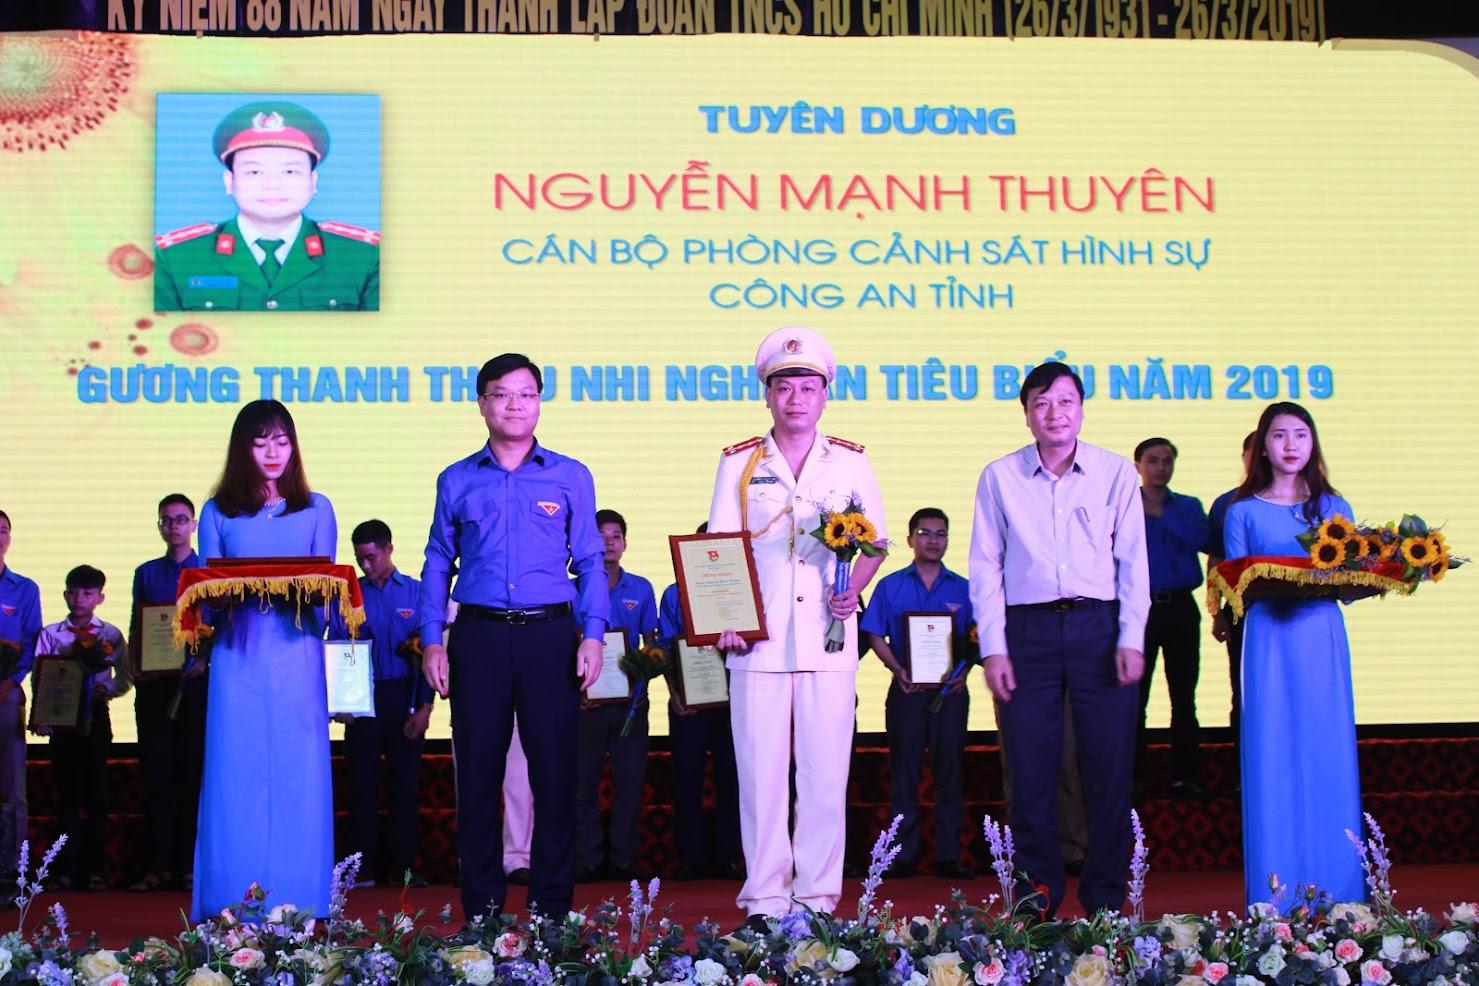 Đại úy Nguyễn Mạnh Thuyên được tuyên dương là một trong những gương mặt Thanh niên tiêu biểu năm 2018